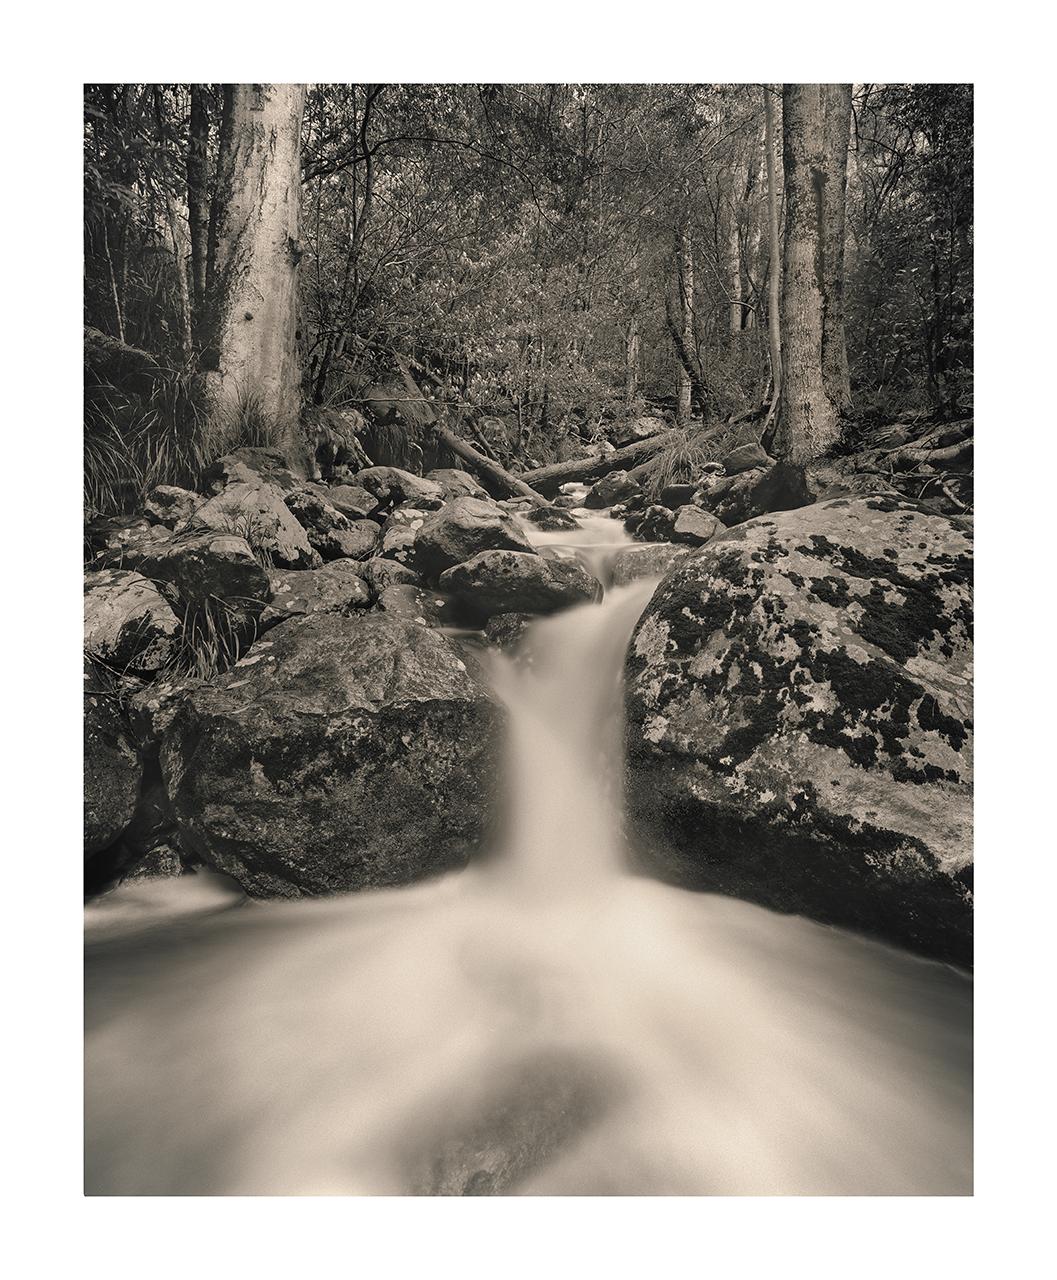 Eugene_watercourse_1.jpg